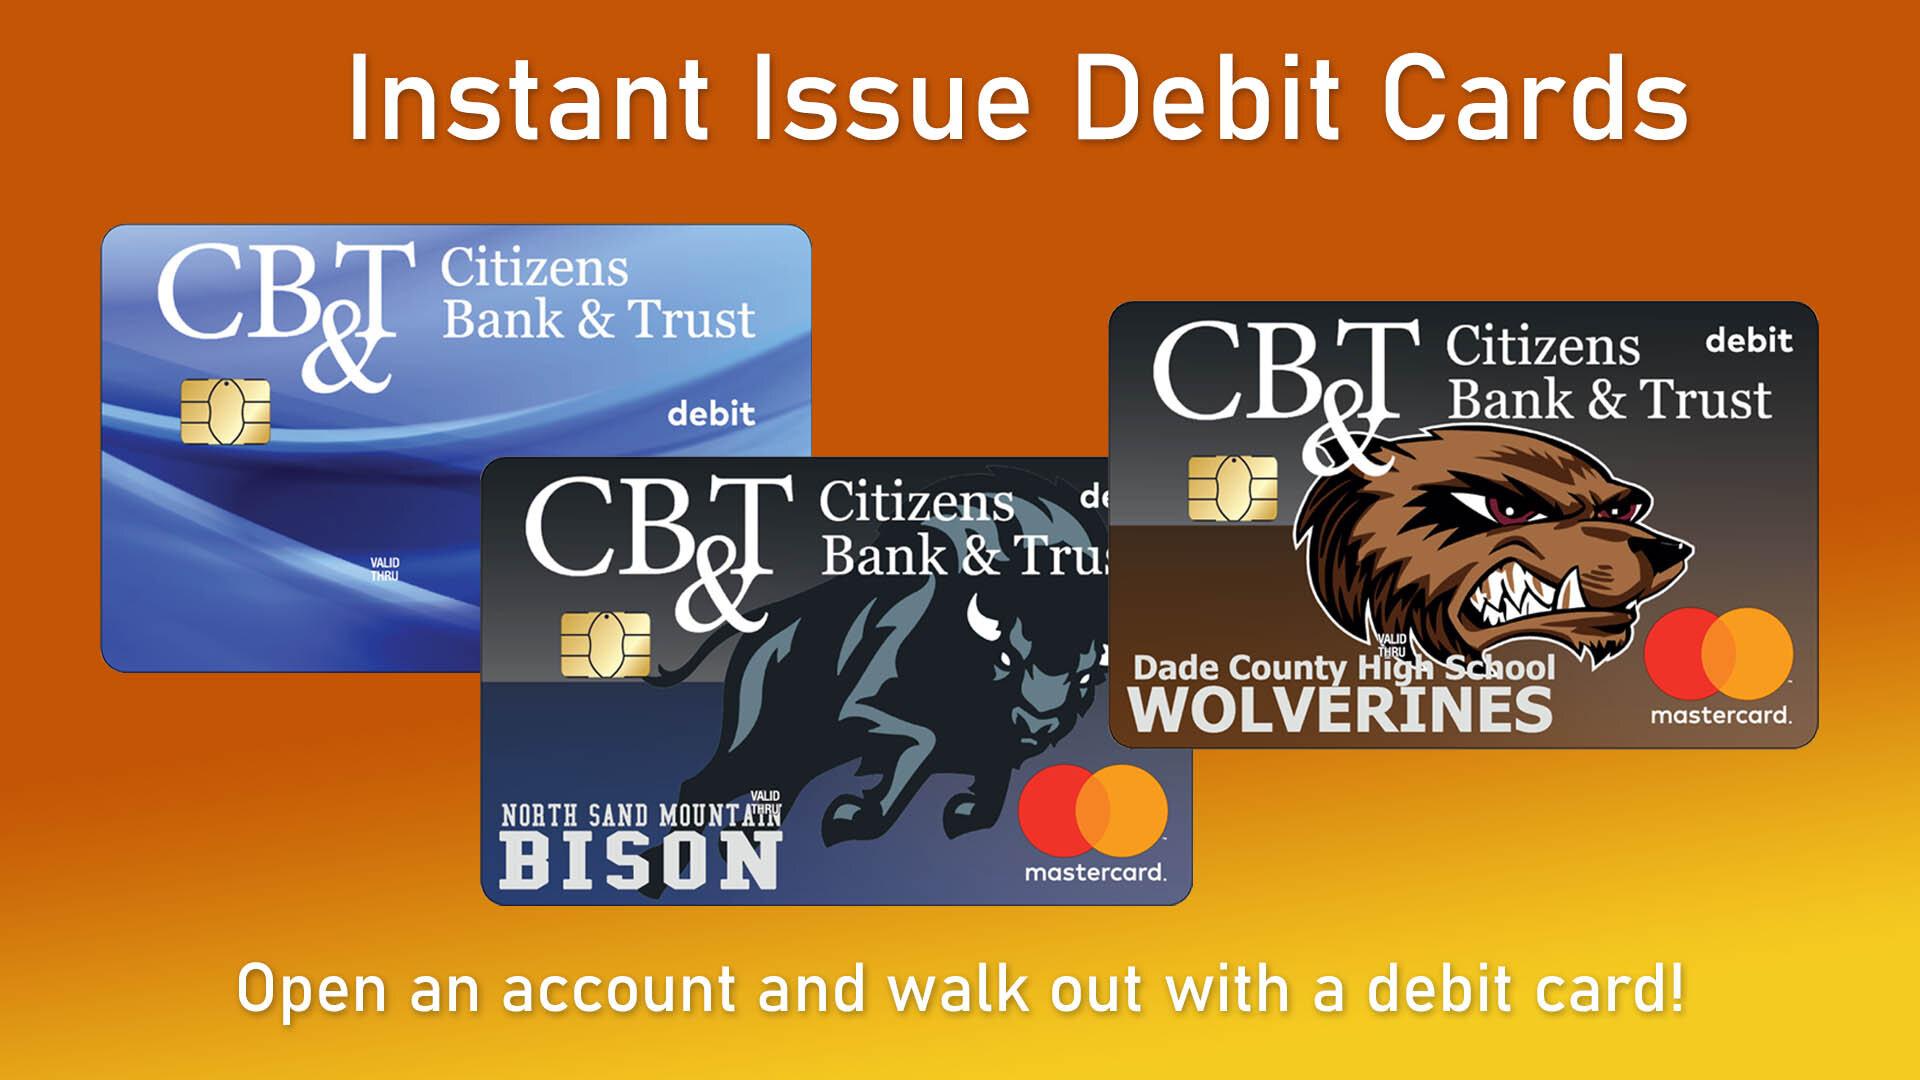 examples of debit cards